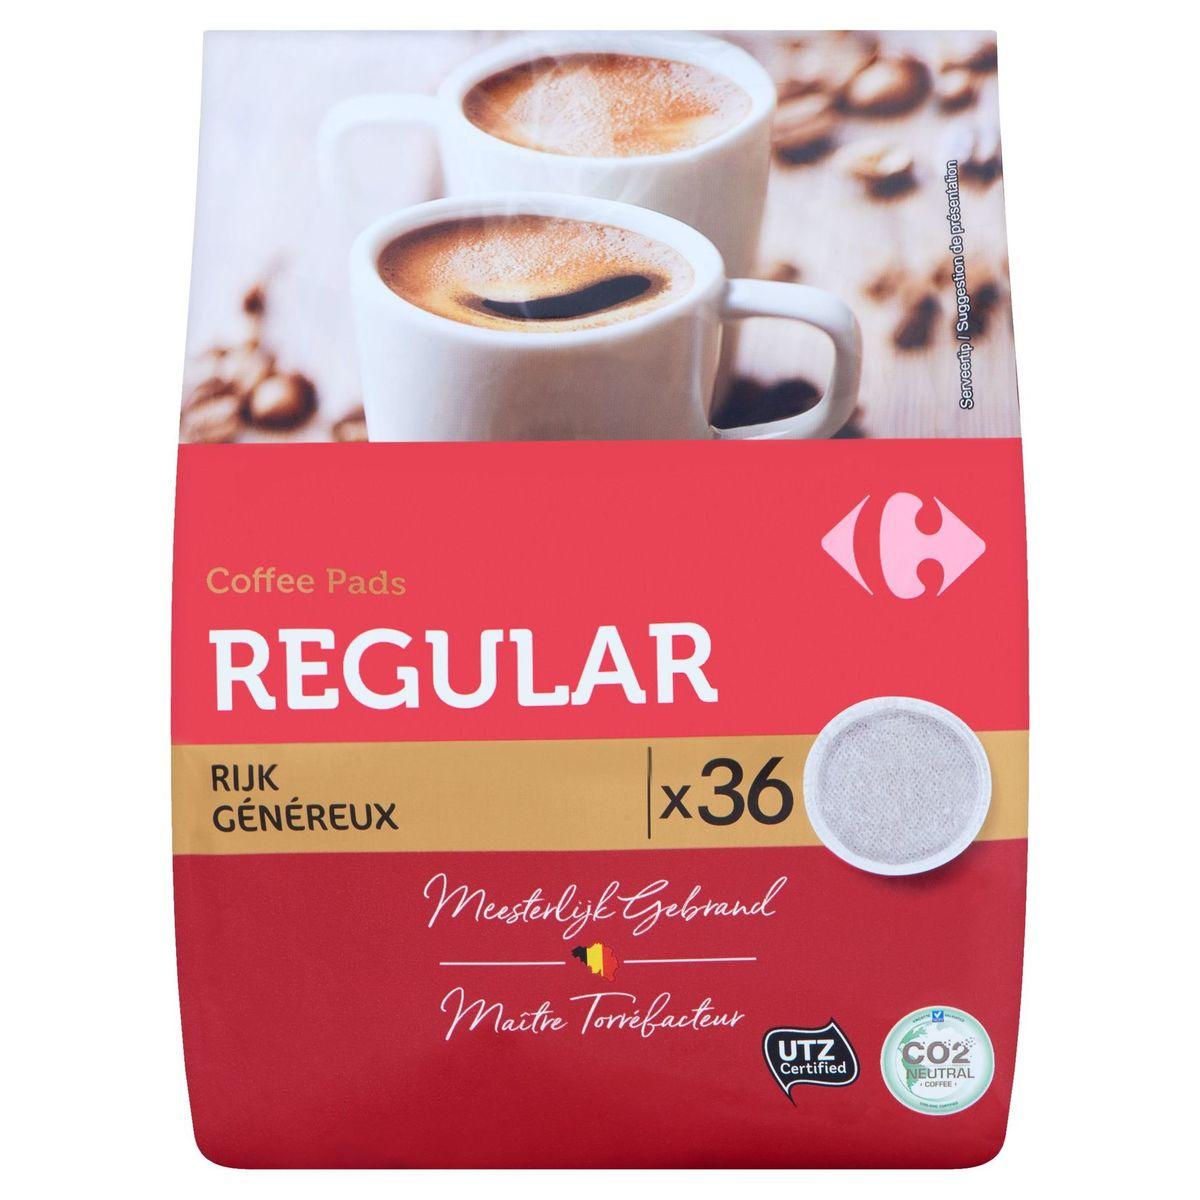 Carrefour Coffee Pads Regular Généreux 36 x 7 g